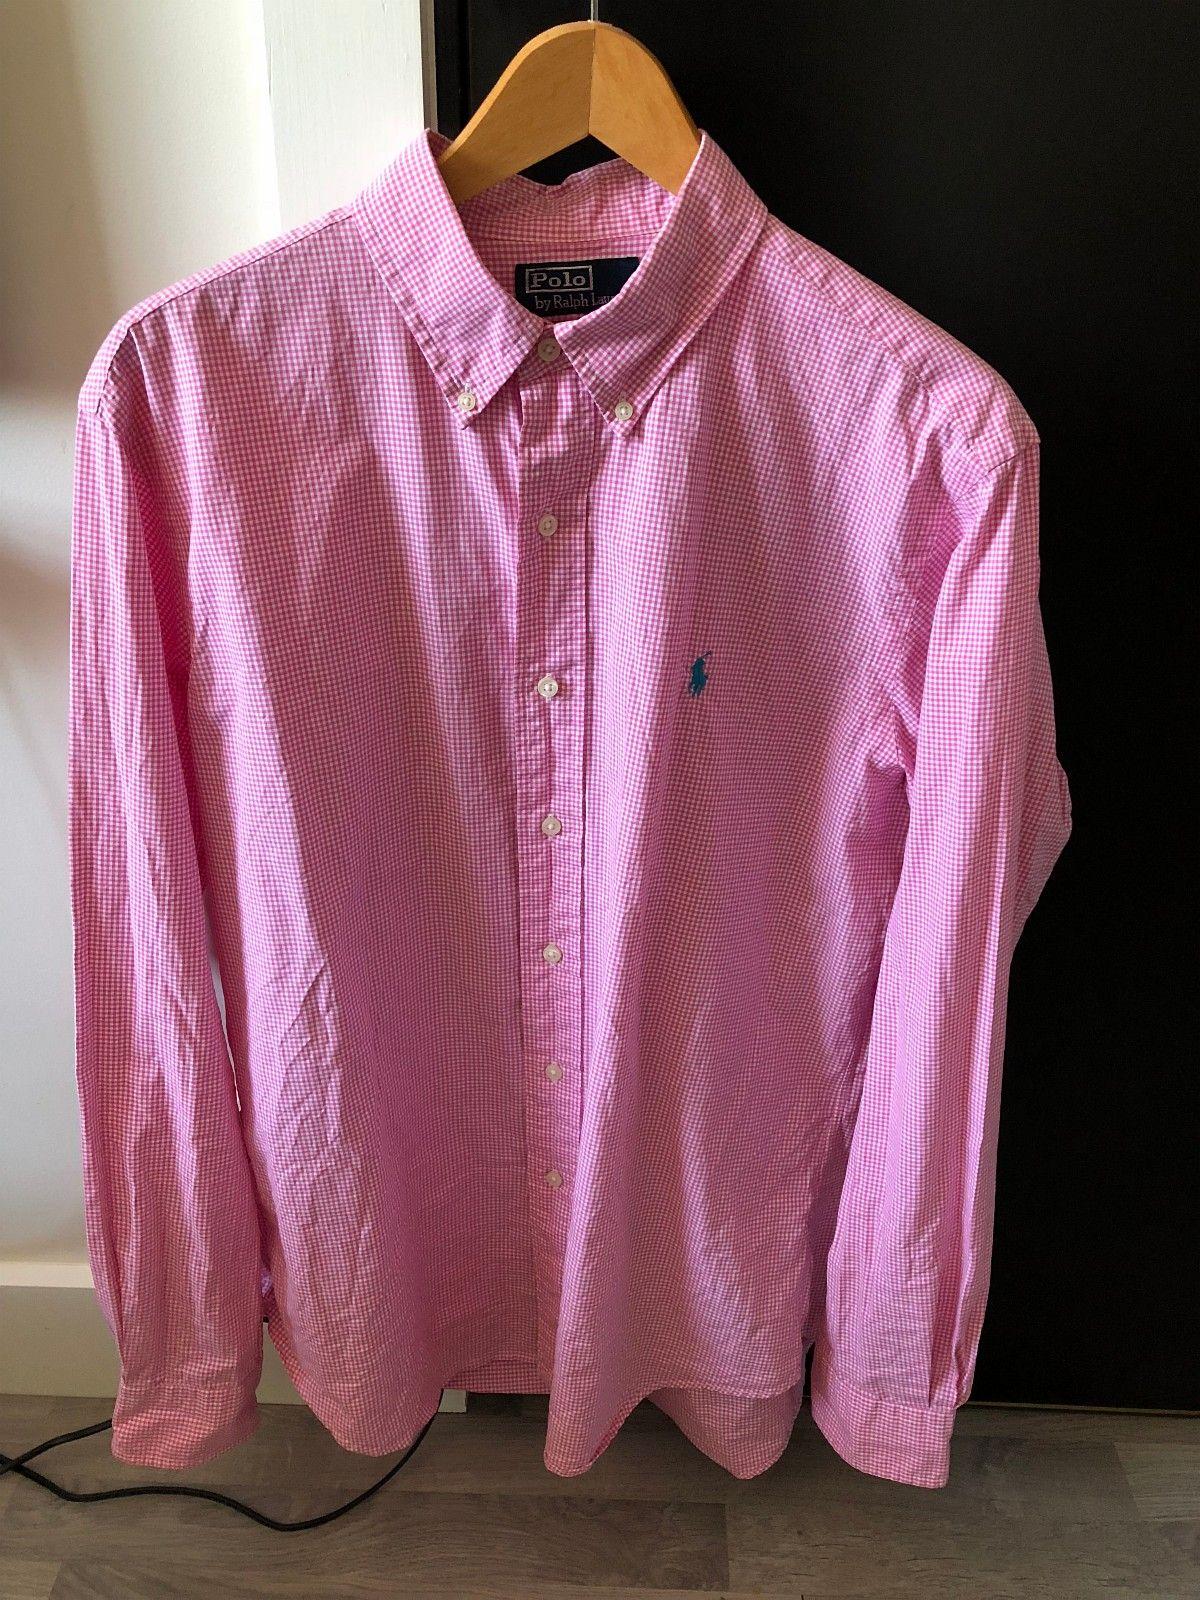 jean paul skjorte nettbutikk drammen